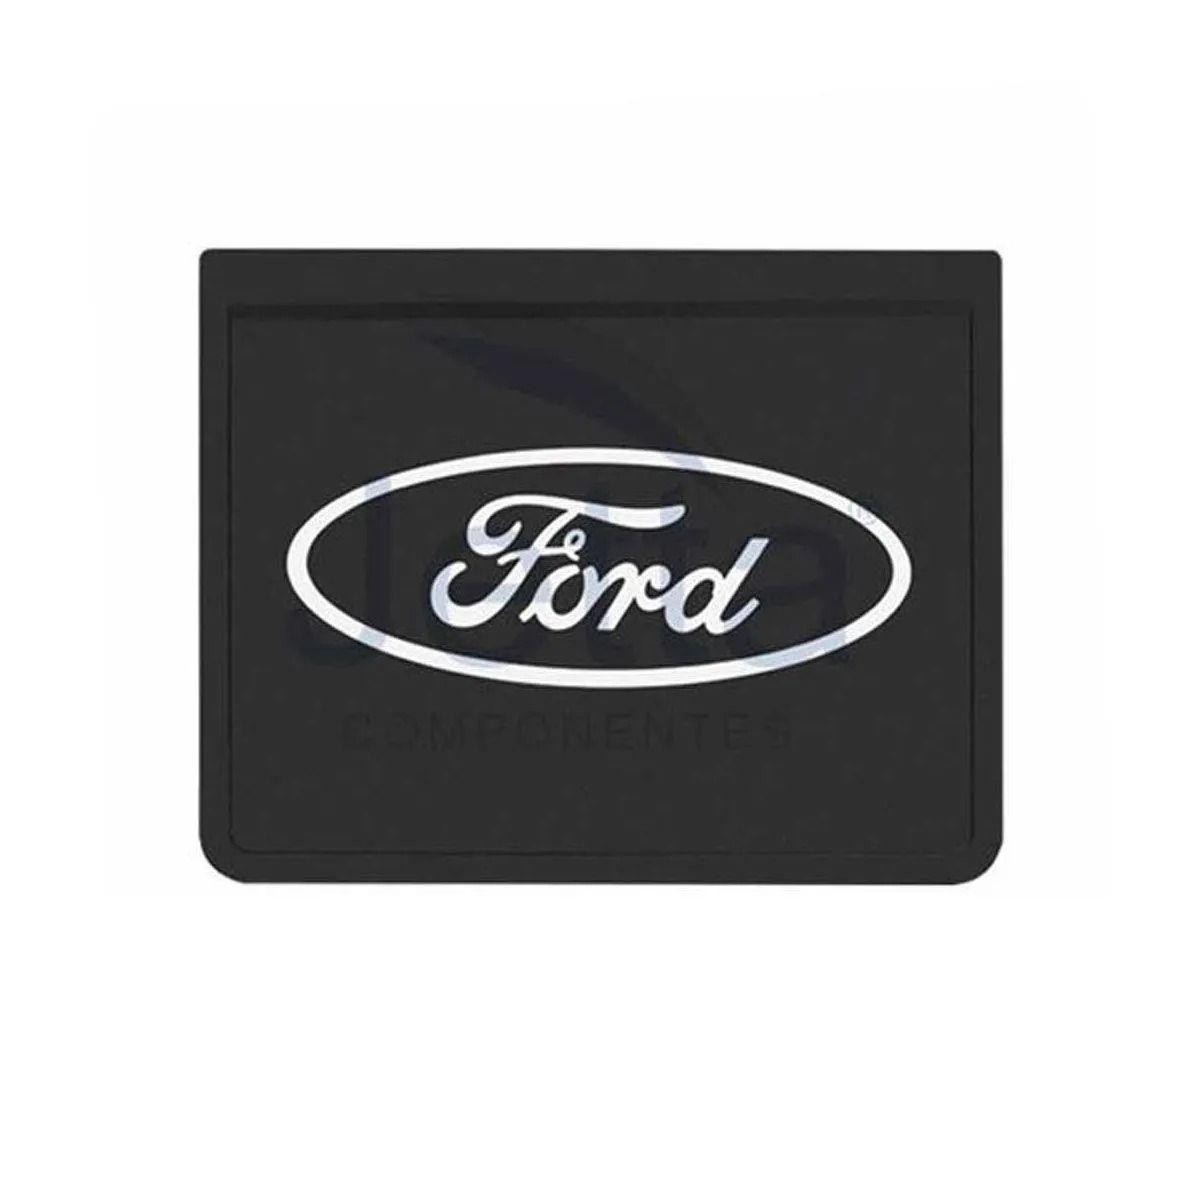 Apara Barro Borracha para Ford